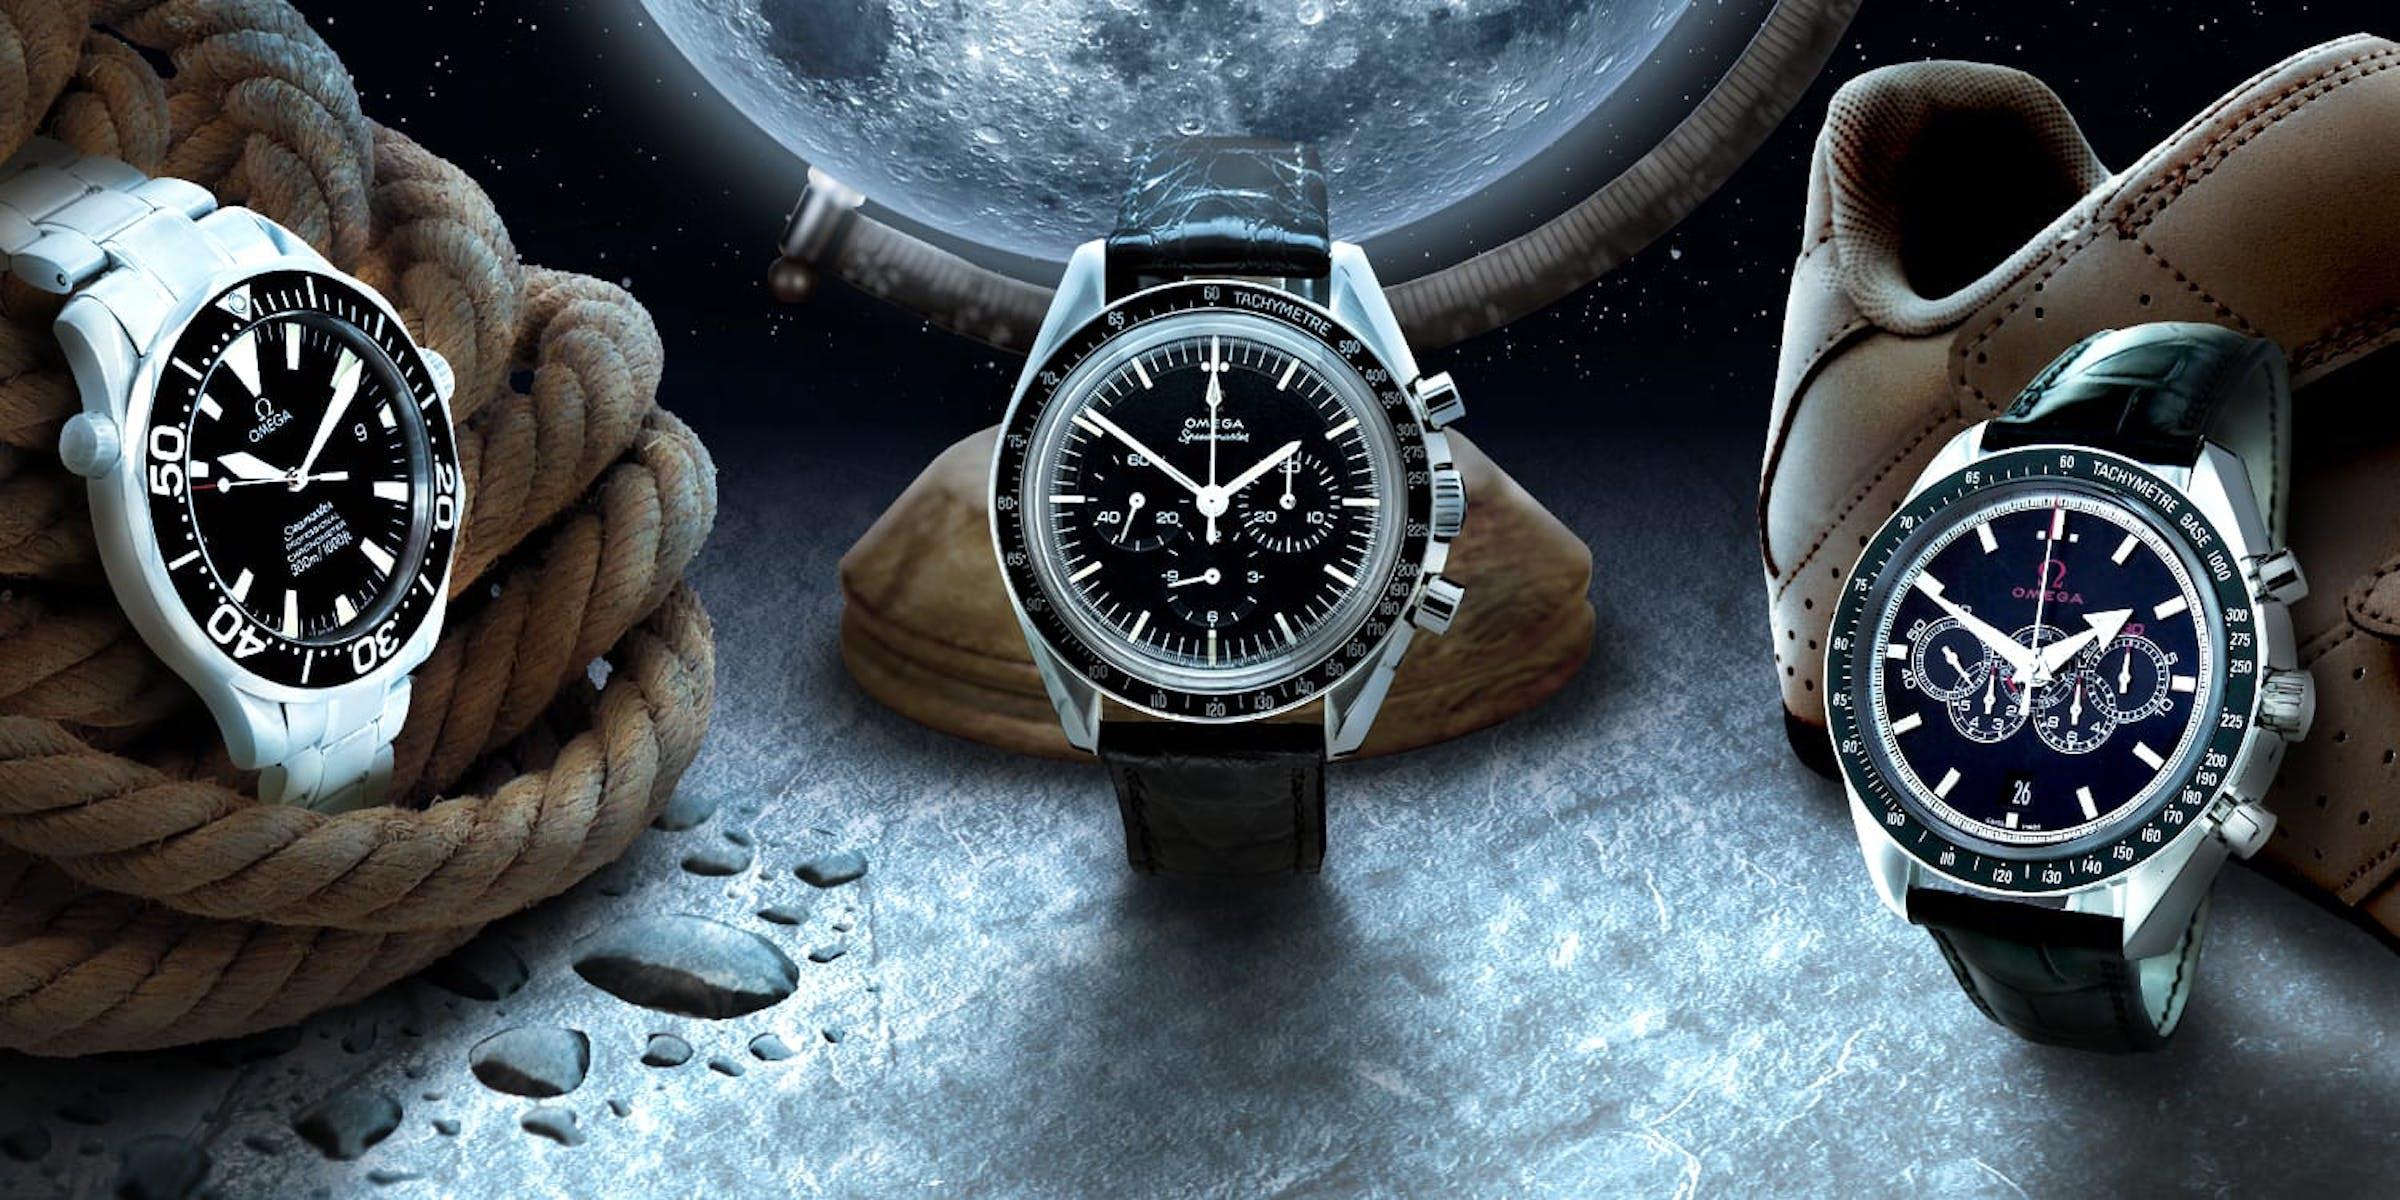 Über die Mondlandung hinaus: Vier der Omega-Partnerschaften und die dazugehörigen Uhren